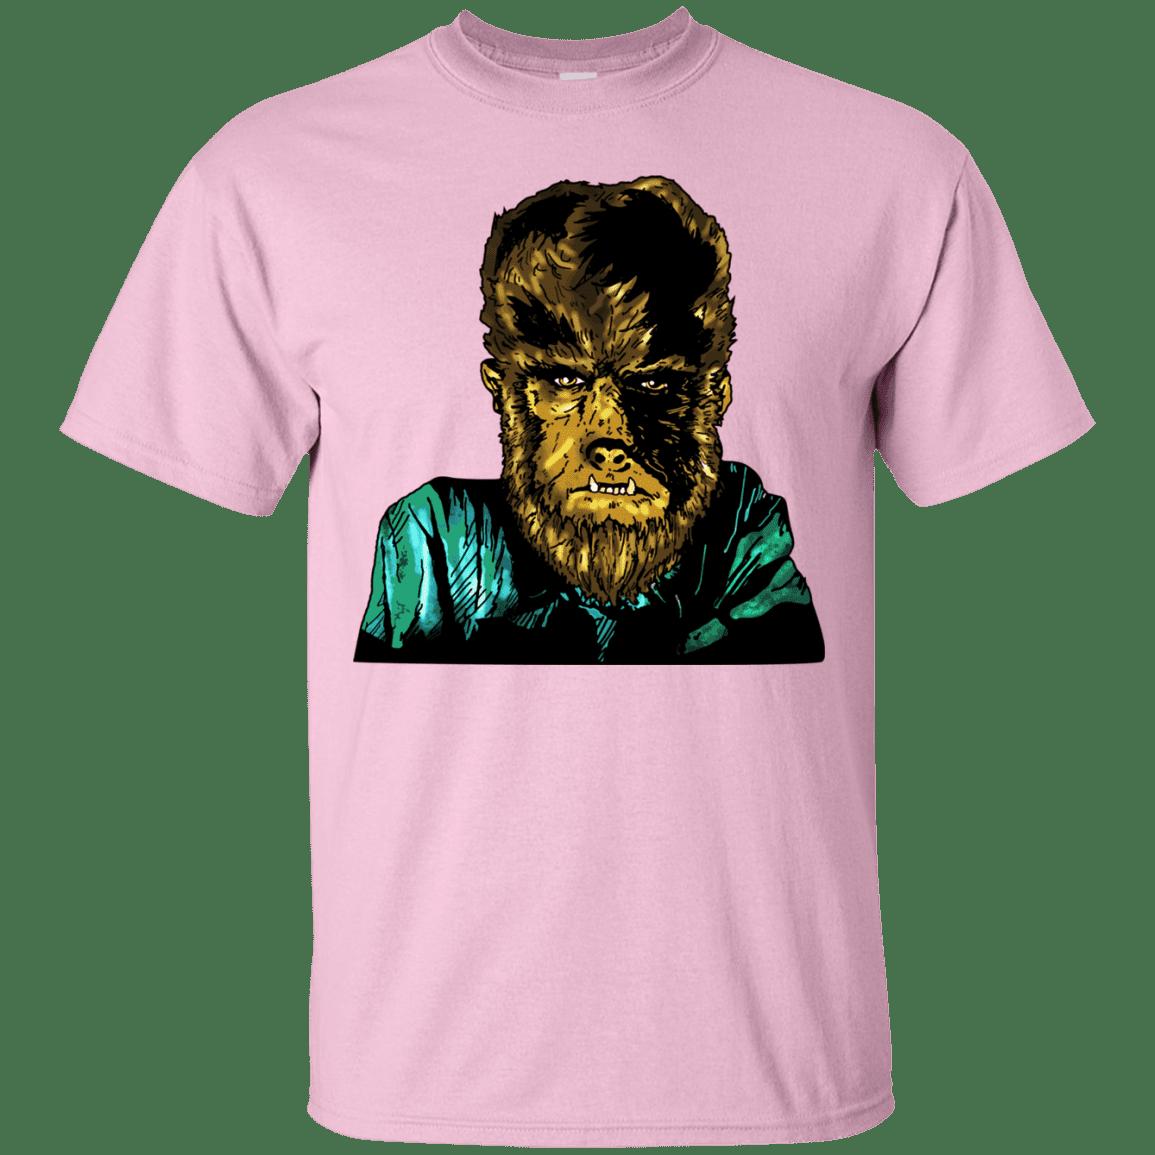 Wolfie Asstd Colored T-Shirt - Sammy Terry